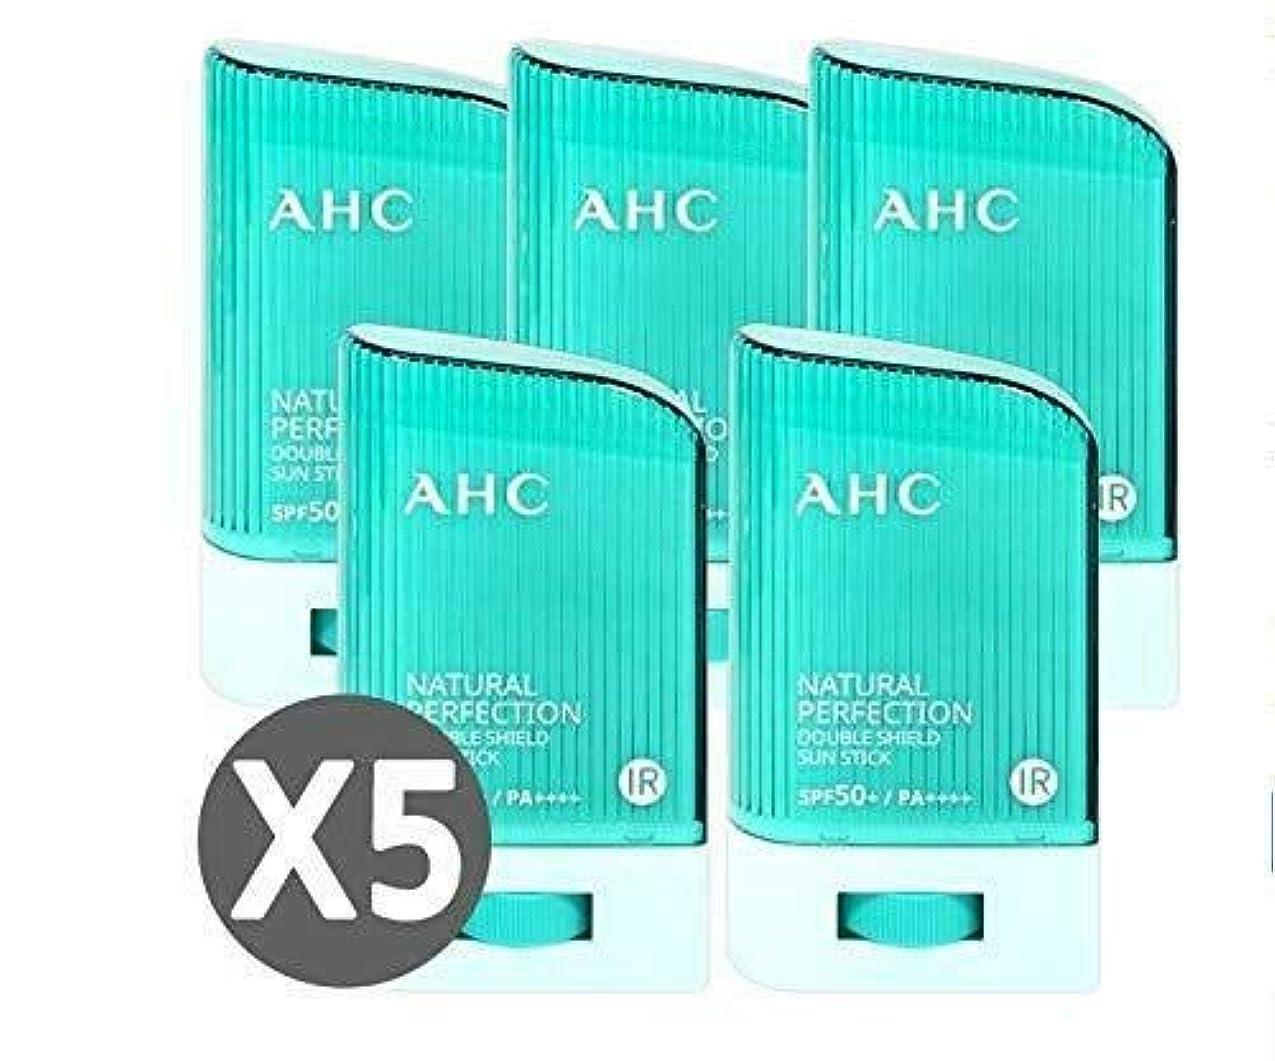 哺乳類補う同行する[ 5個セット ] AHC ナチュラルパーフェクションダブルシールドサンスティック 22g, Natural Perfection Double Shield Sun Stick SPF50+ PA++++